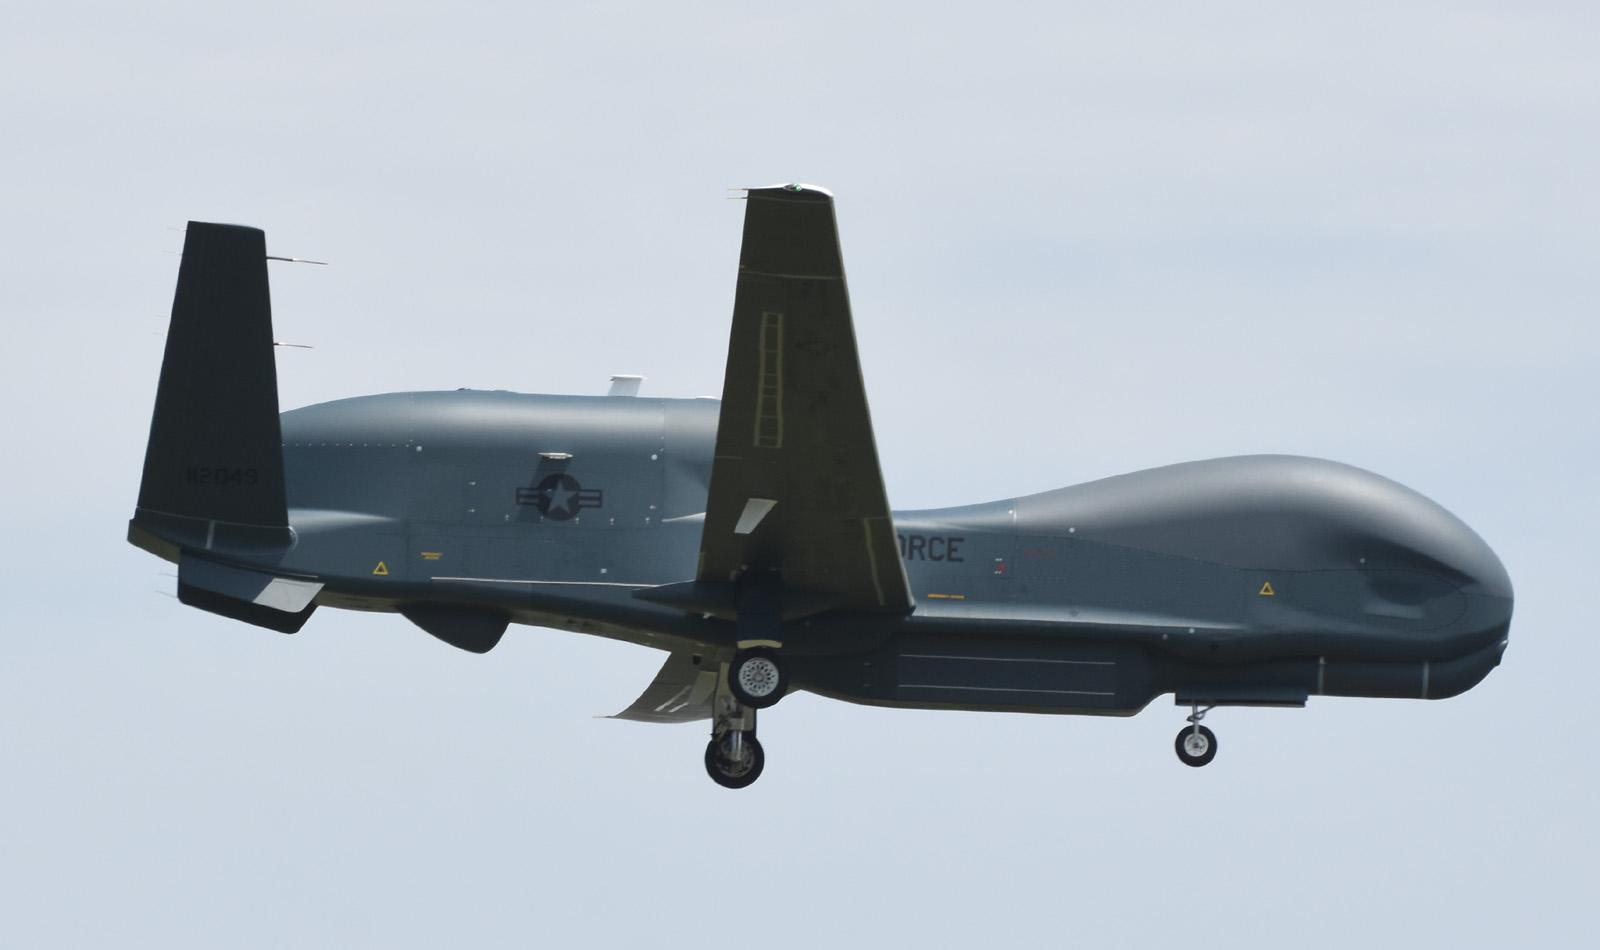 Global170506g251